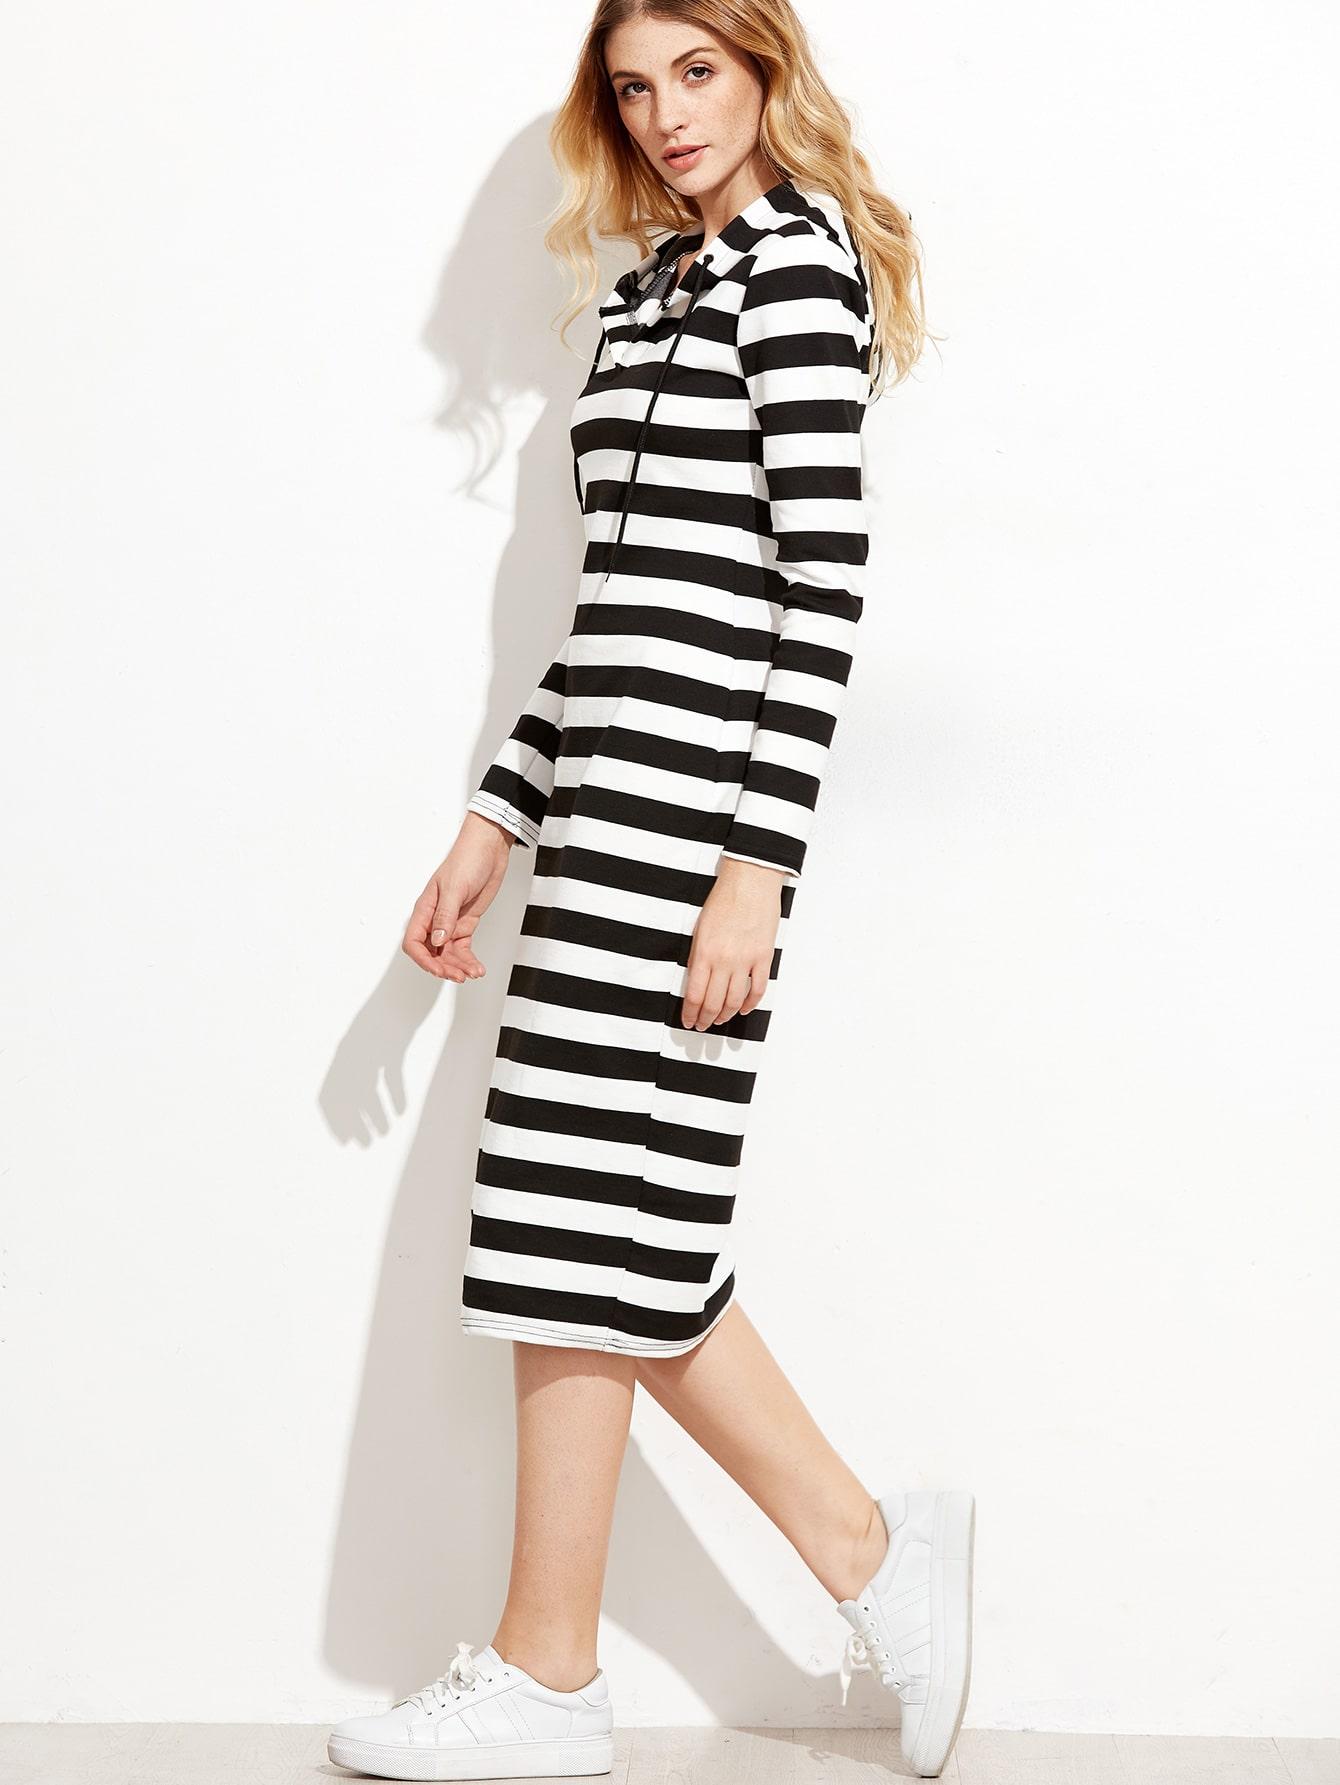 dress161010303_2